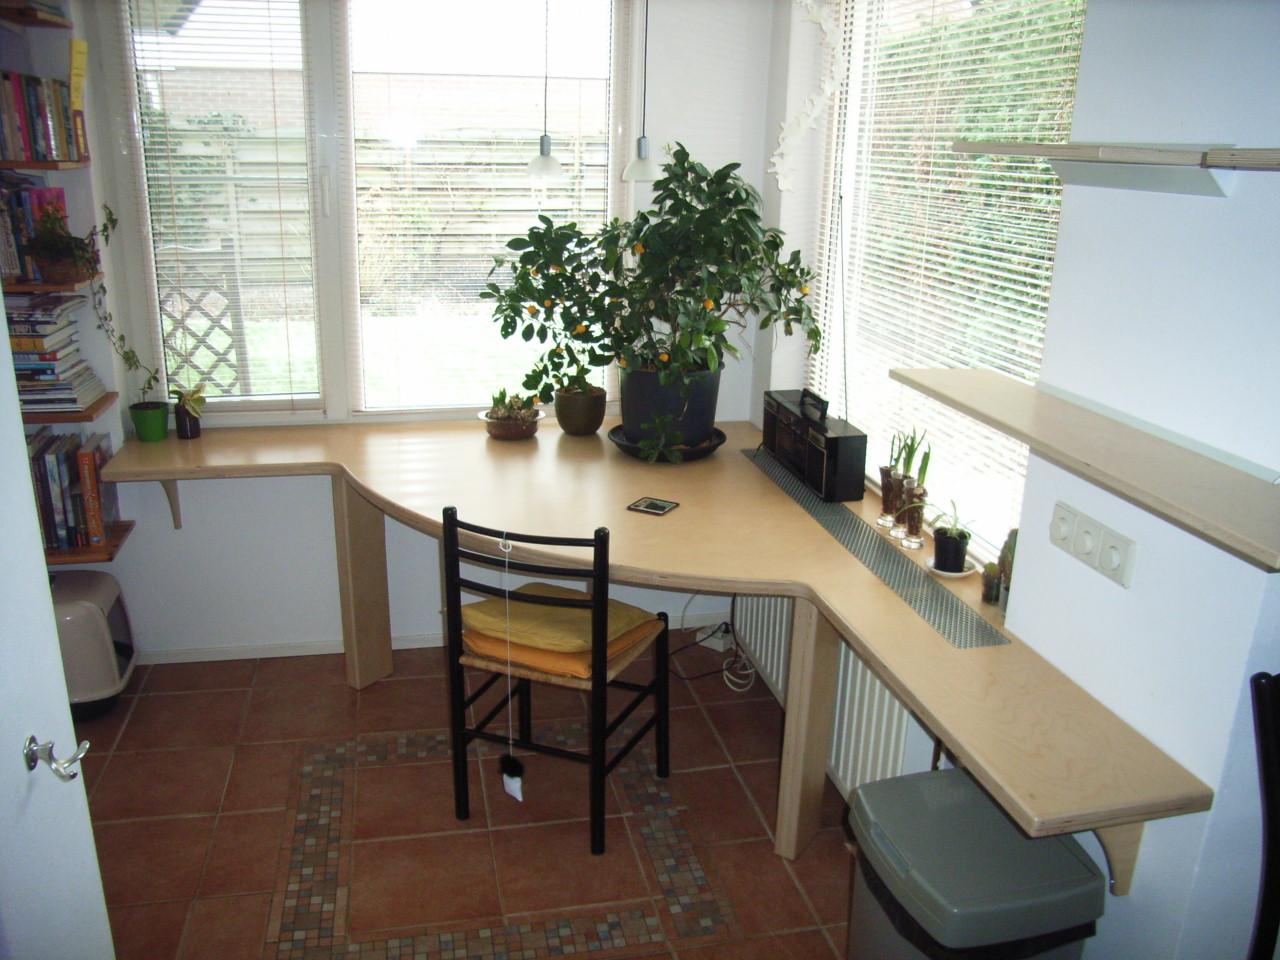 Keukentafel op maat – atumre.com